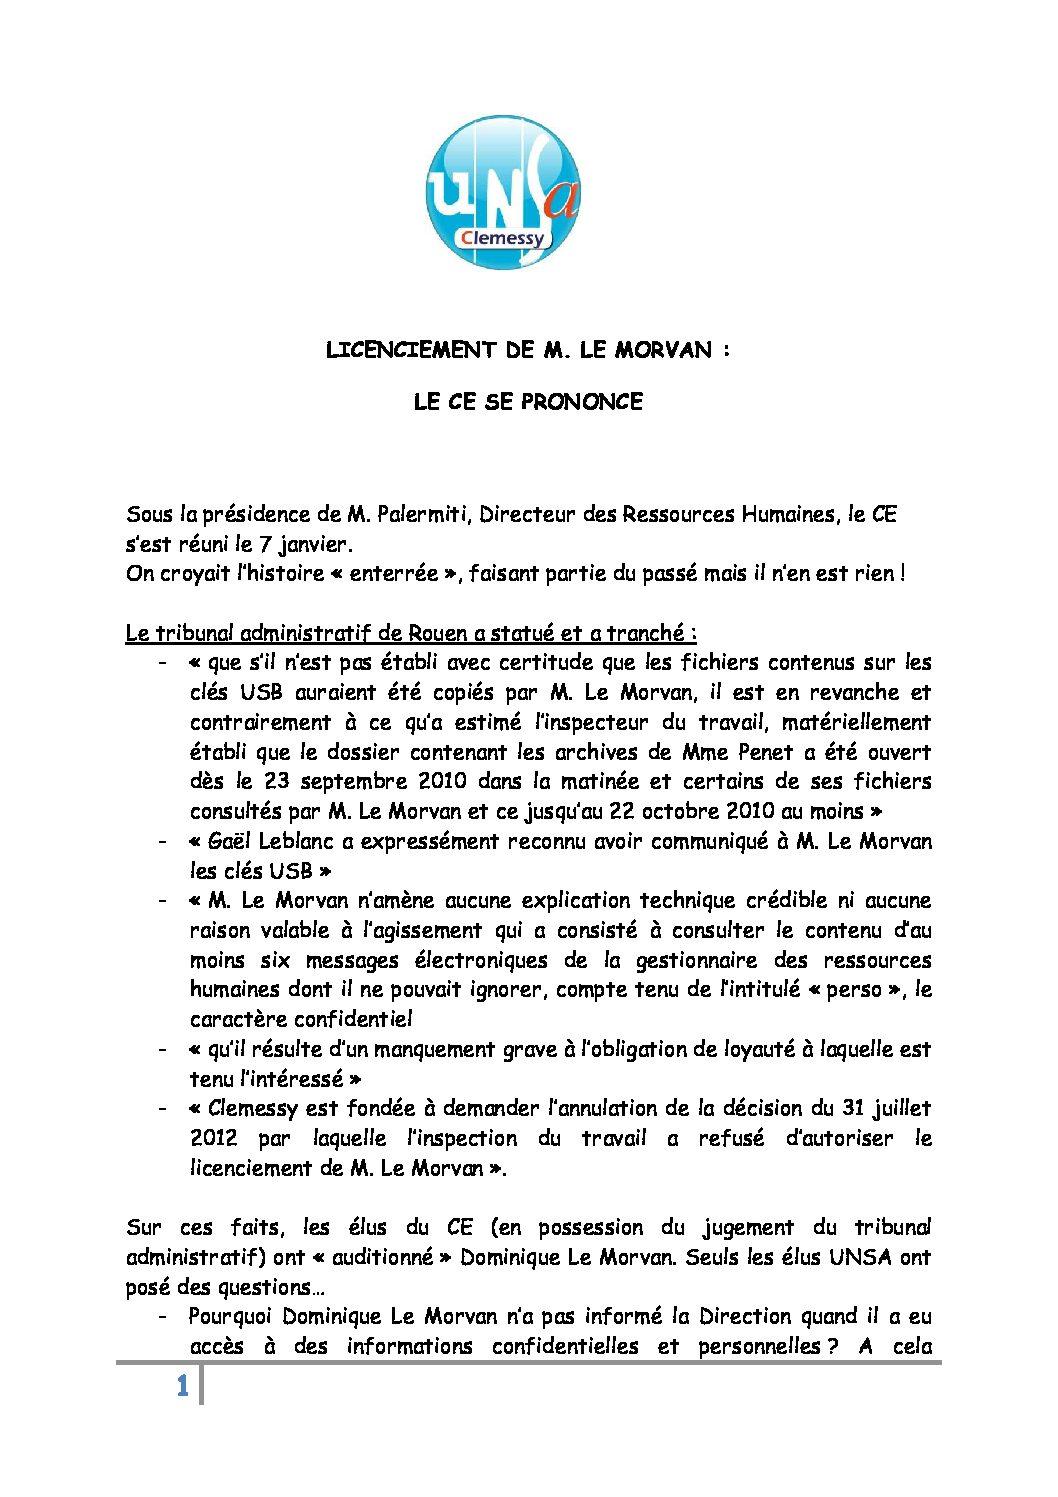 Licenciement-de-M.-Le-Morvan1